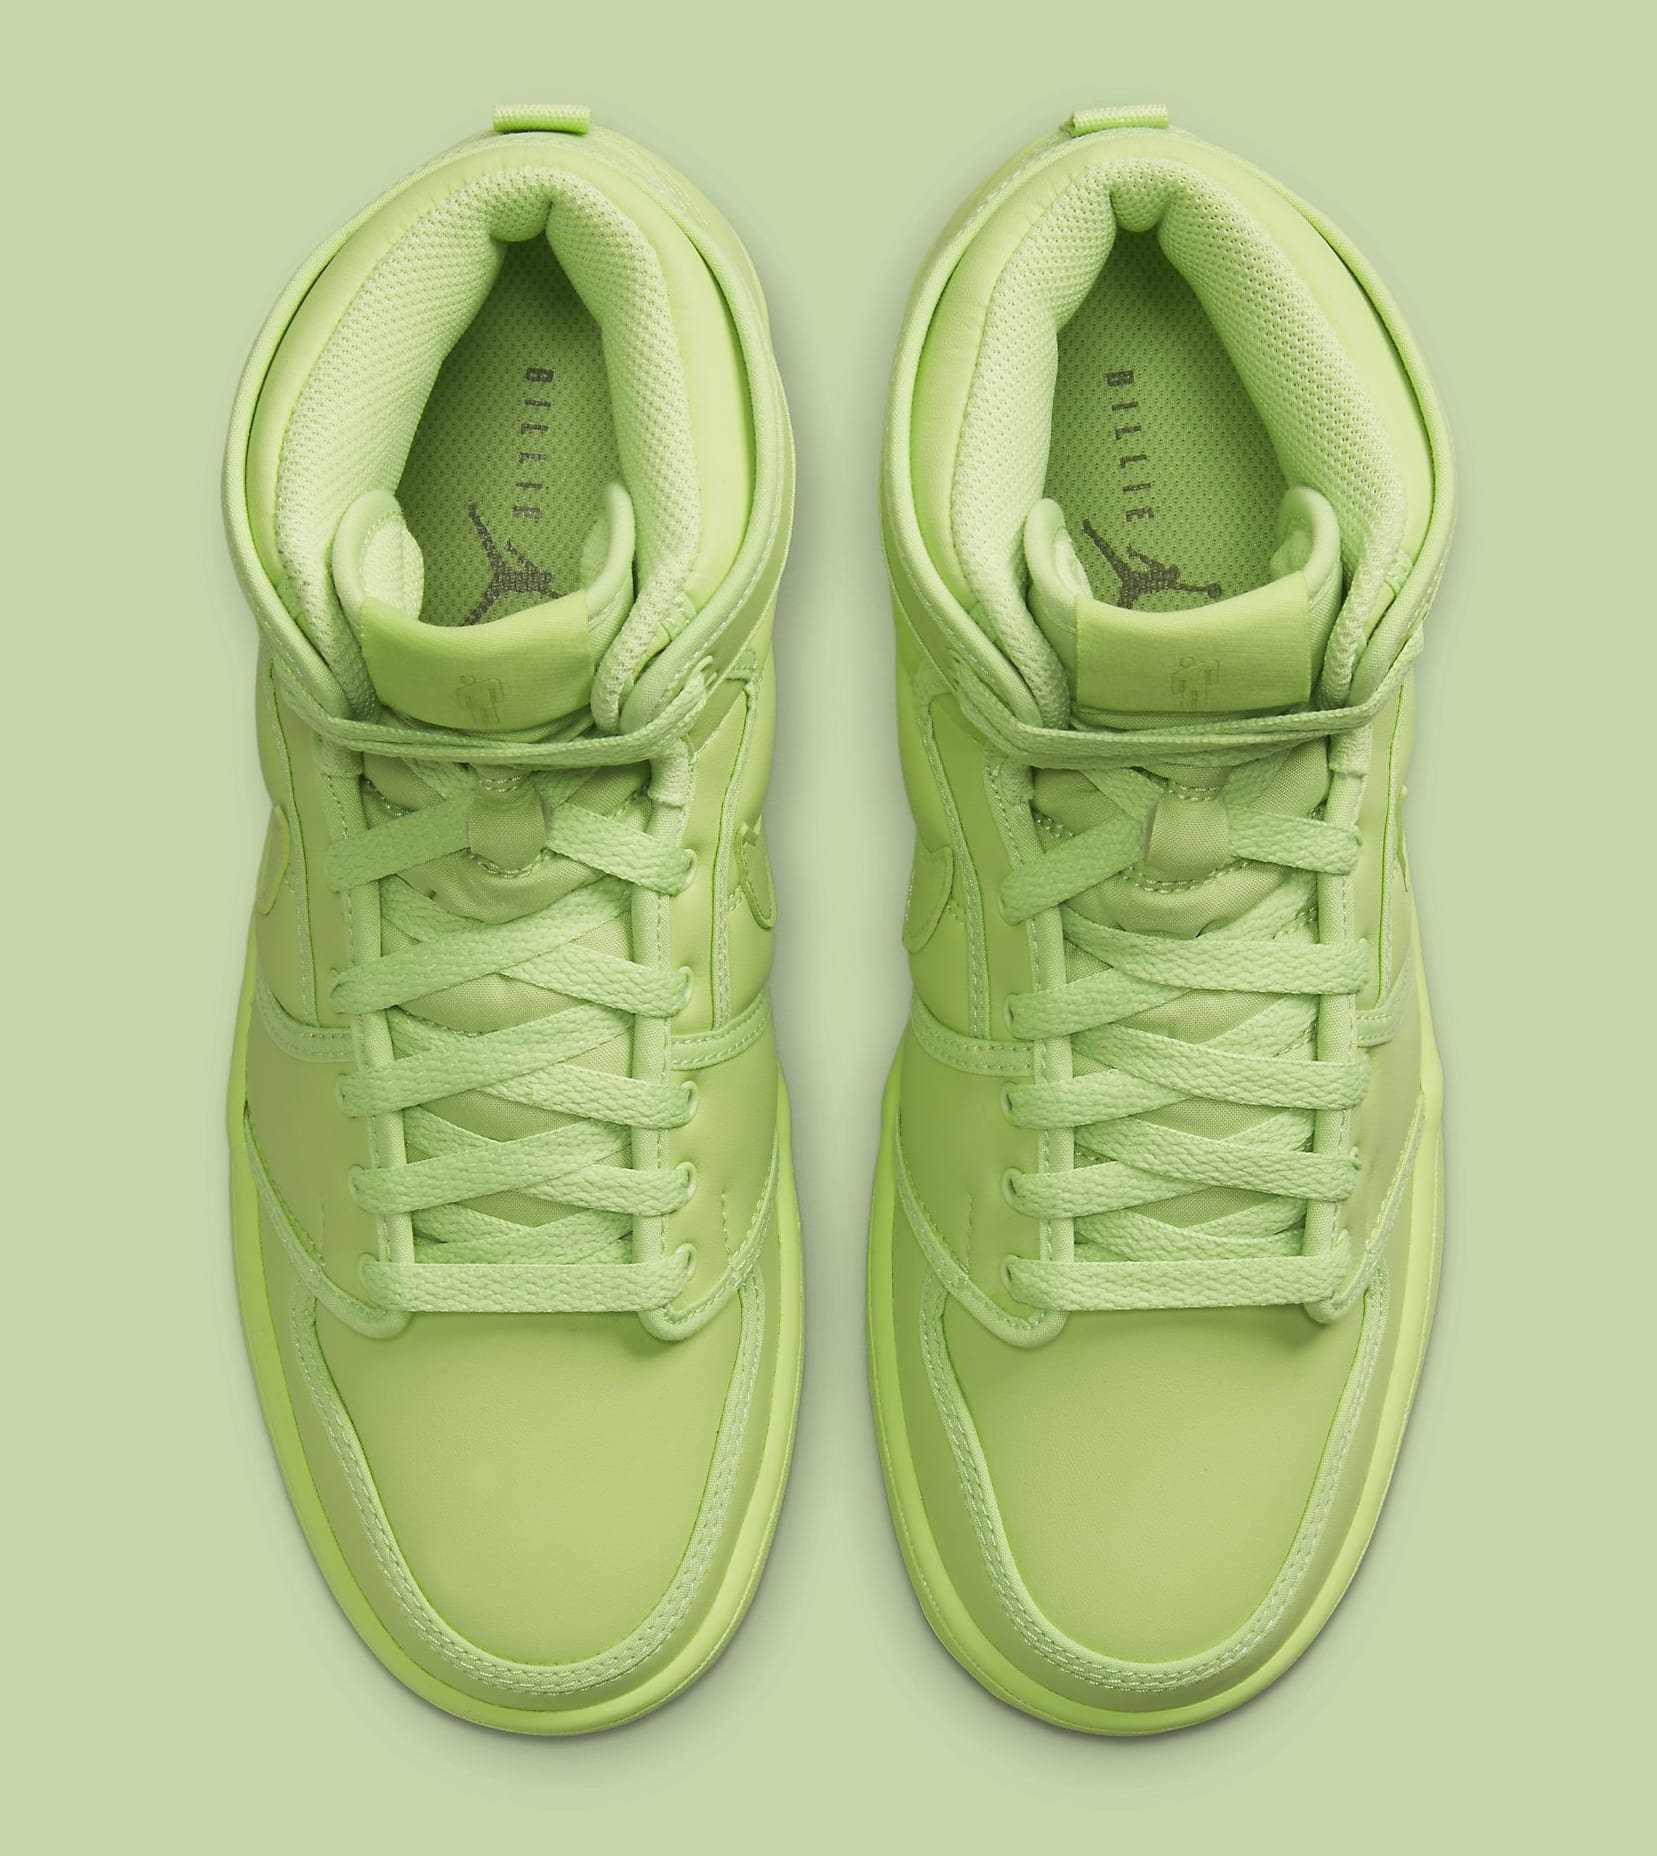 Billie Eilish x Air Jordan 1 KO 'Ghost Green' DN2857-330 (Top)